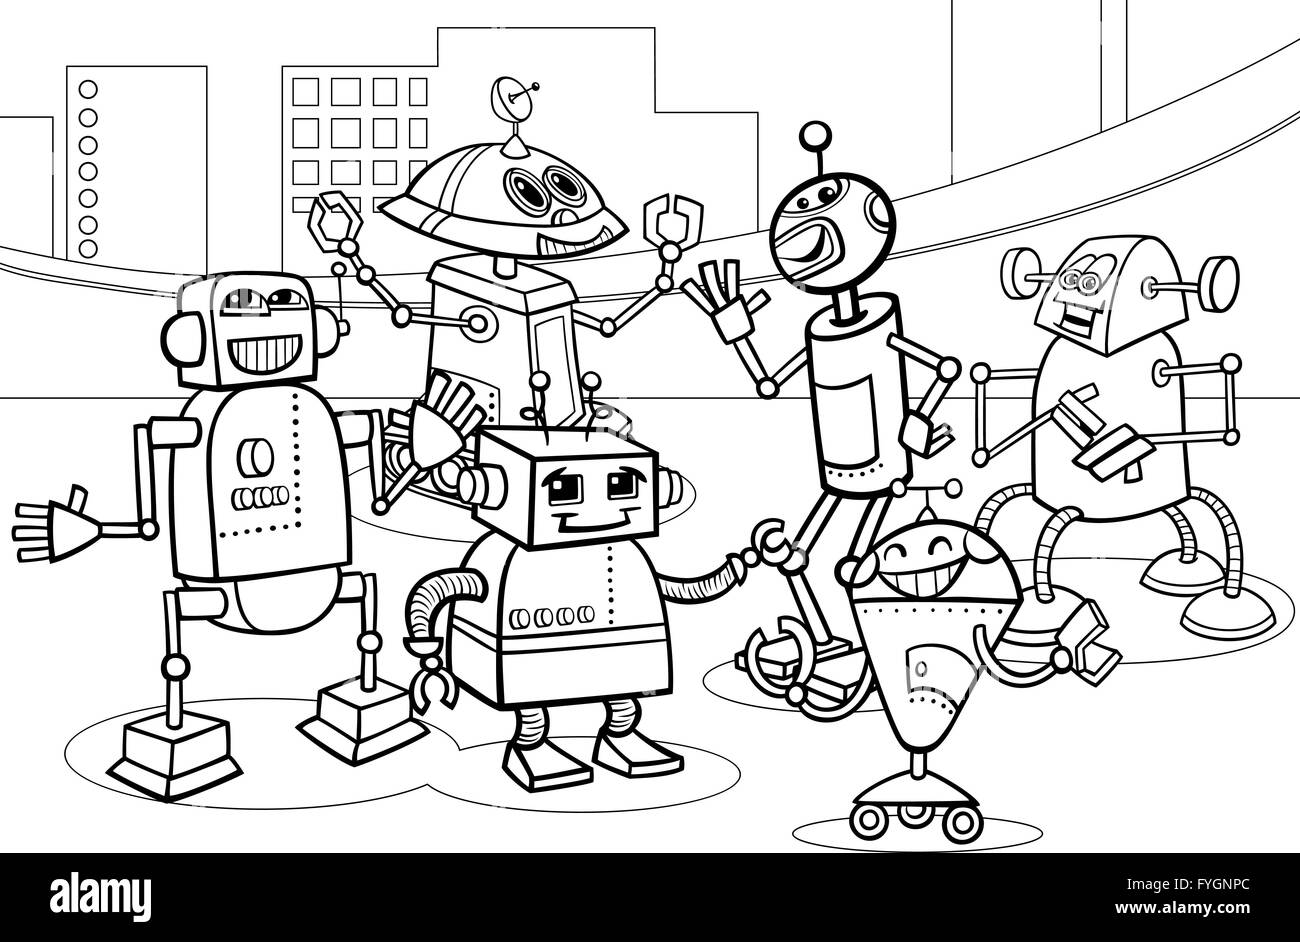 Grupo De Robots Página Para Colorear Dibujos Animados Foto Imagen